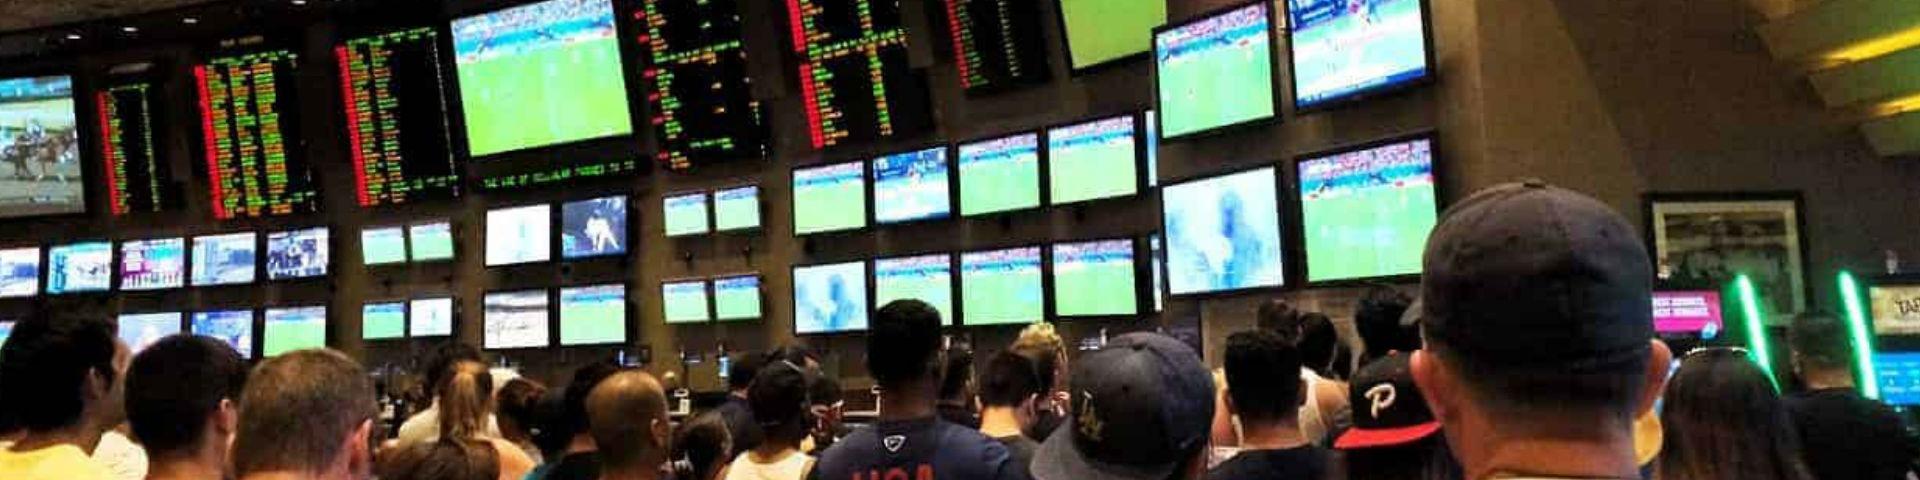 Зависимость от азартных игр обусловлена генетическими факторами